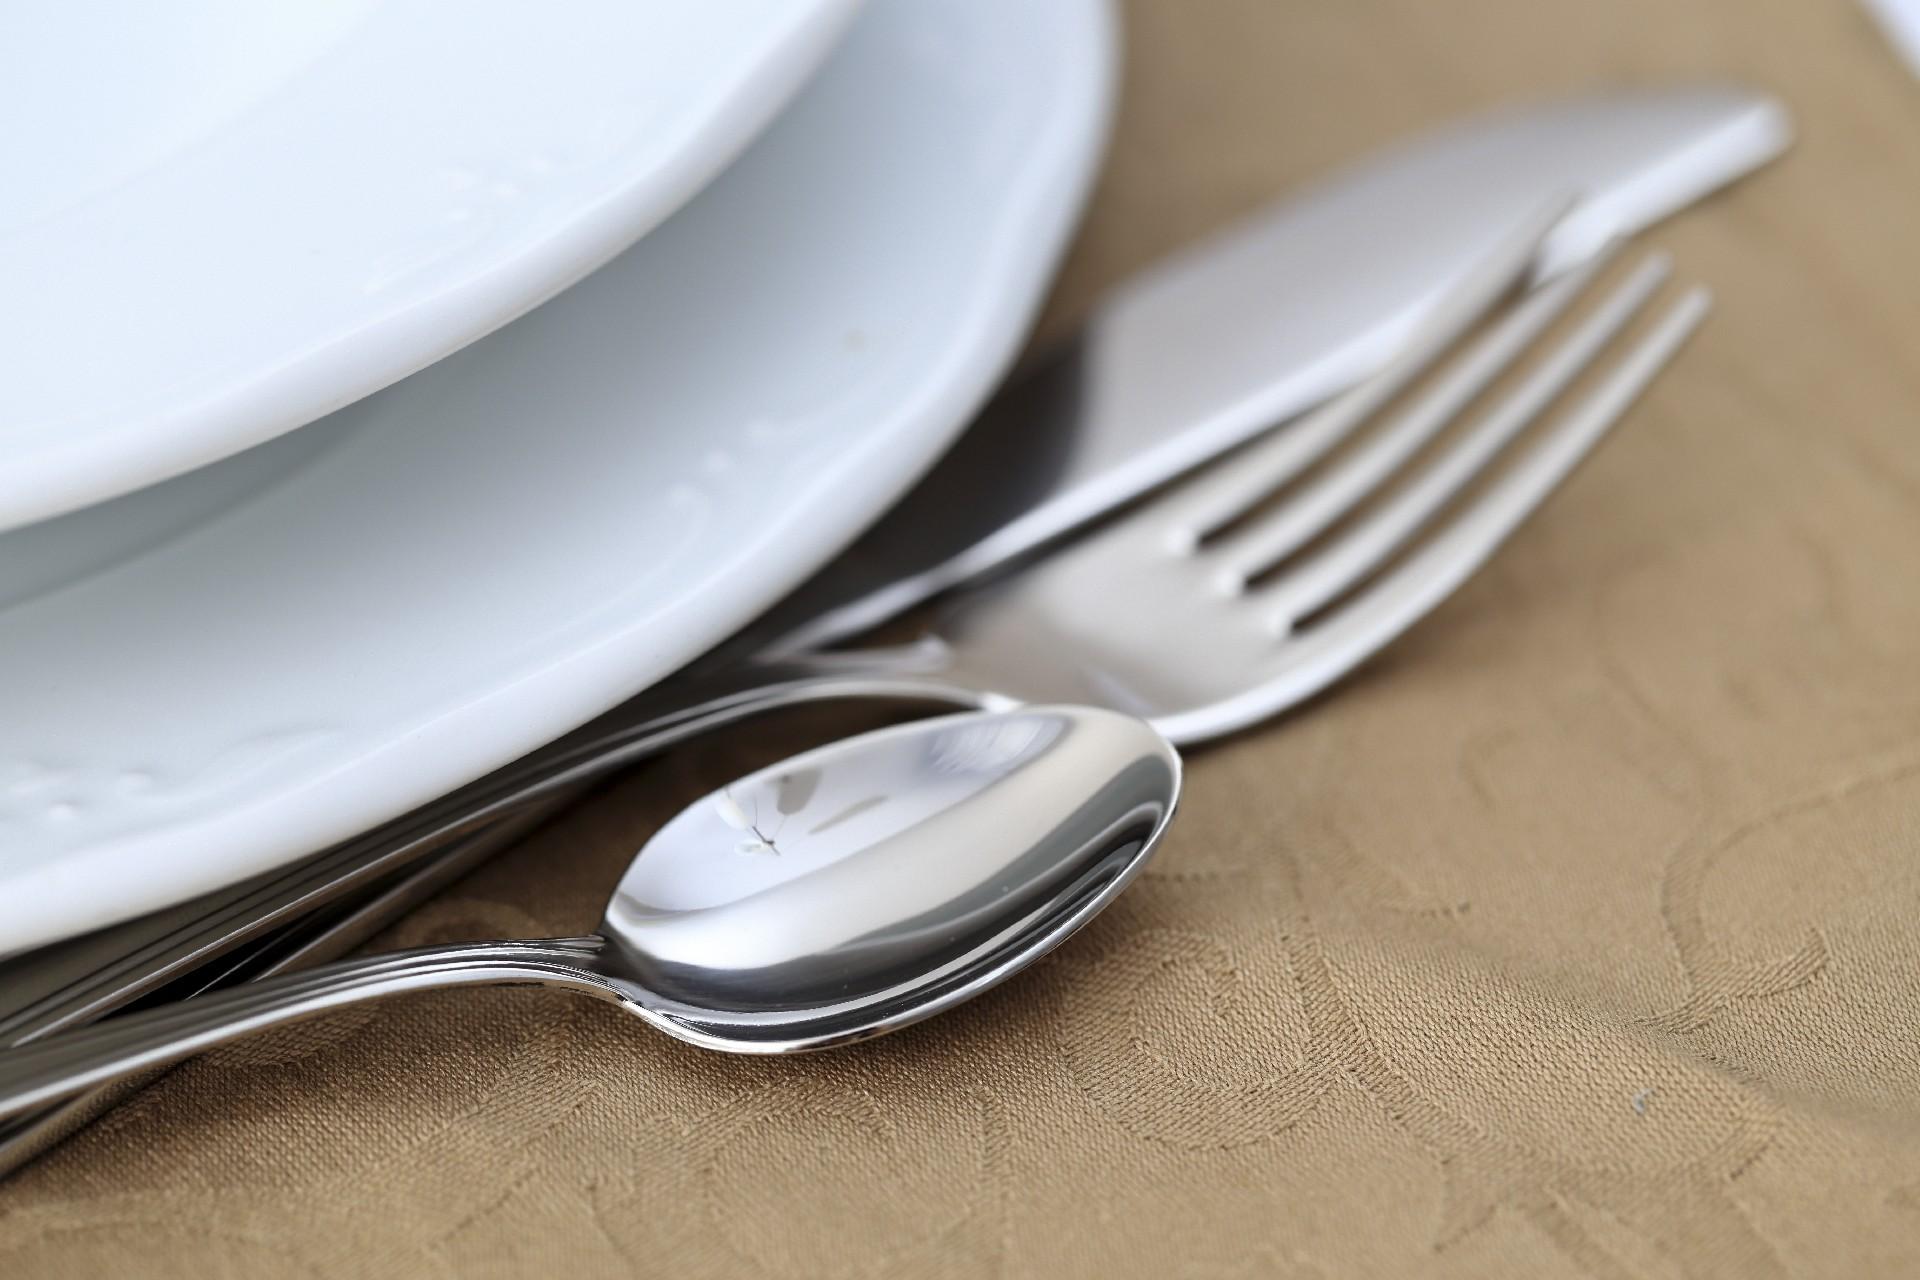 スプーンとフォークを使って料理を取り分ける時はどうする?